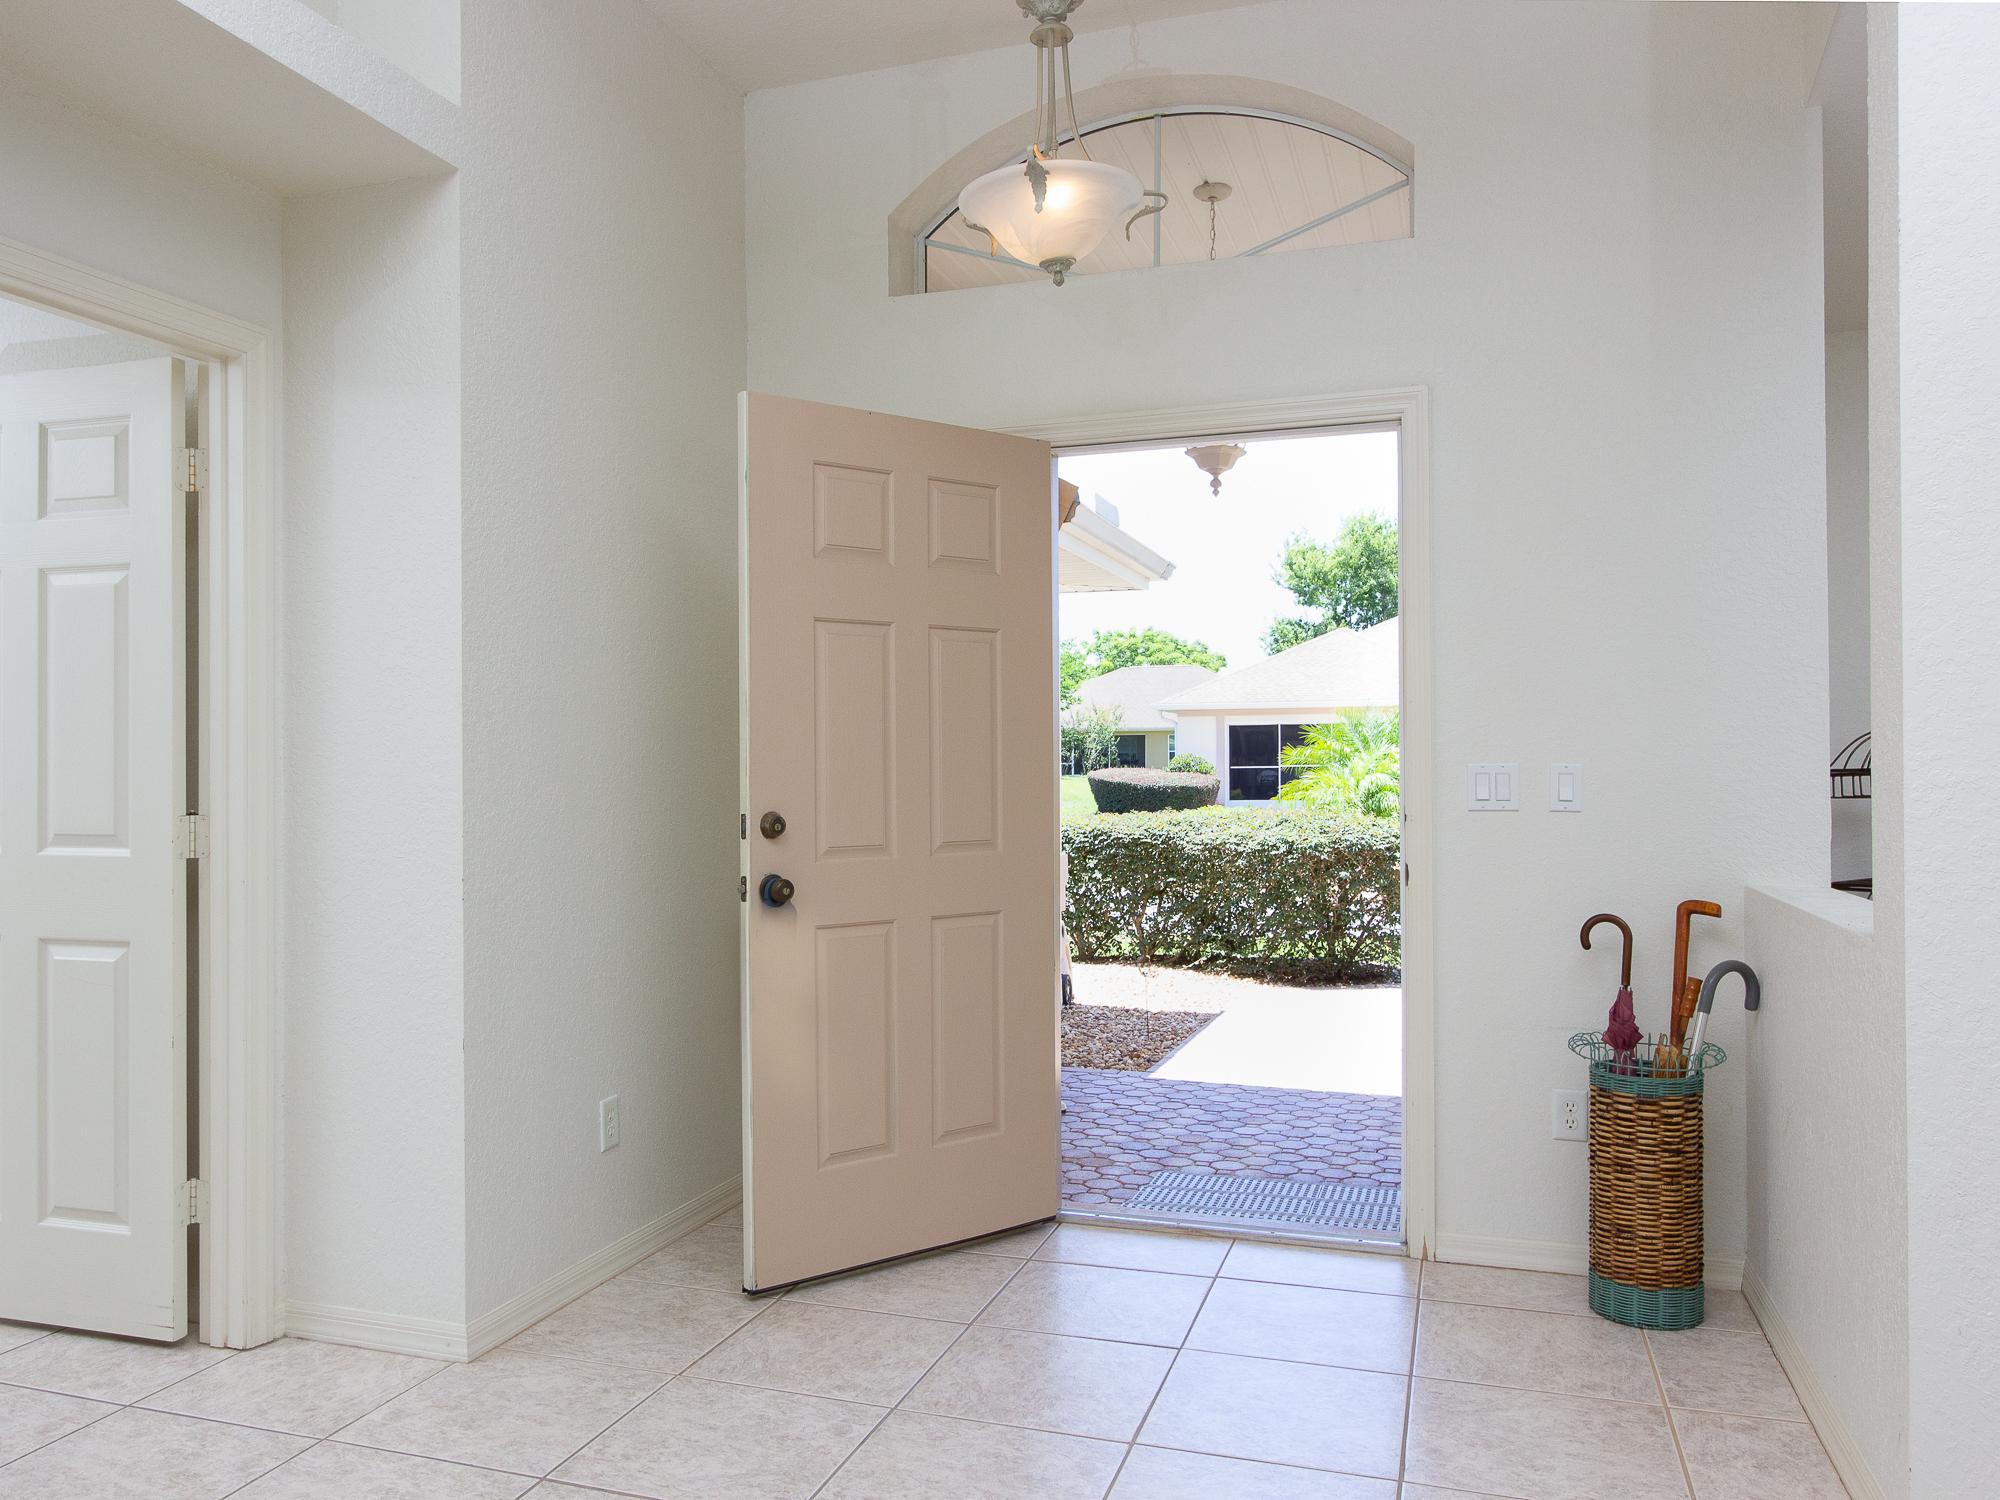 17431-SE-110th-Terrace-Summerfield-FL-34491-123-of-39